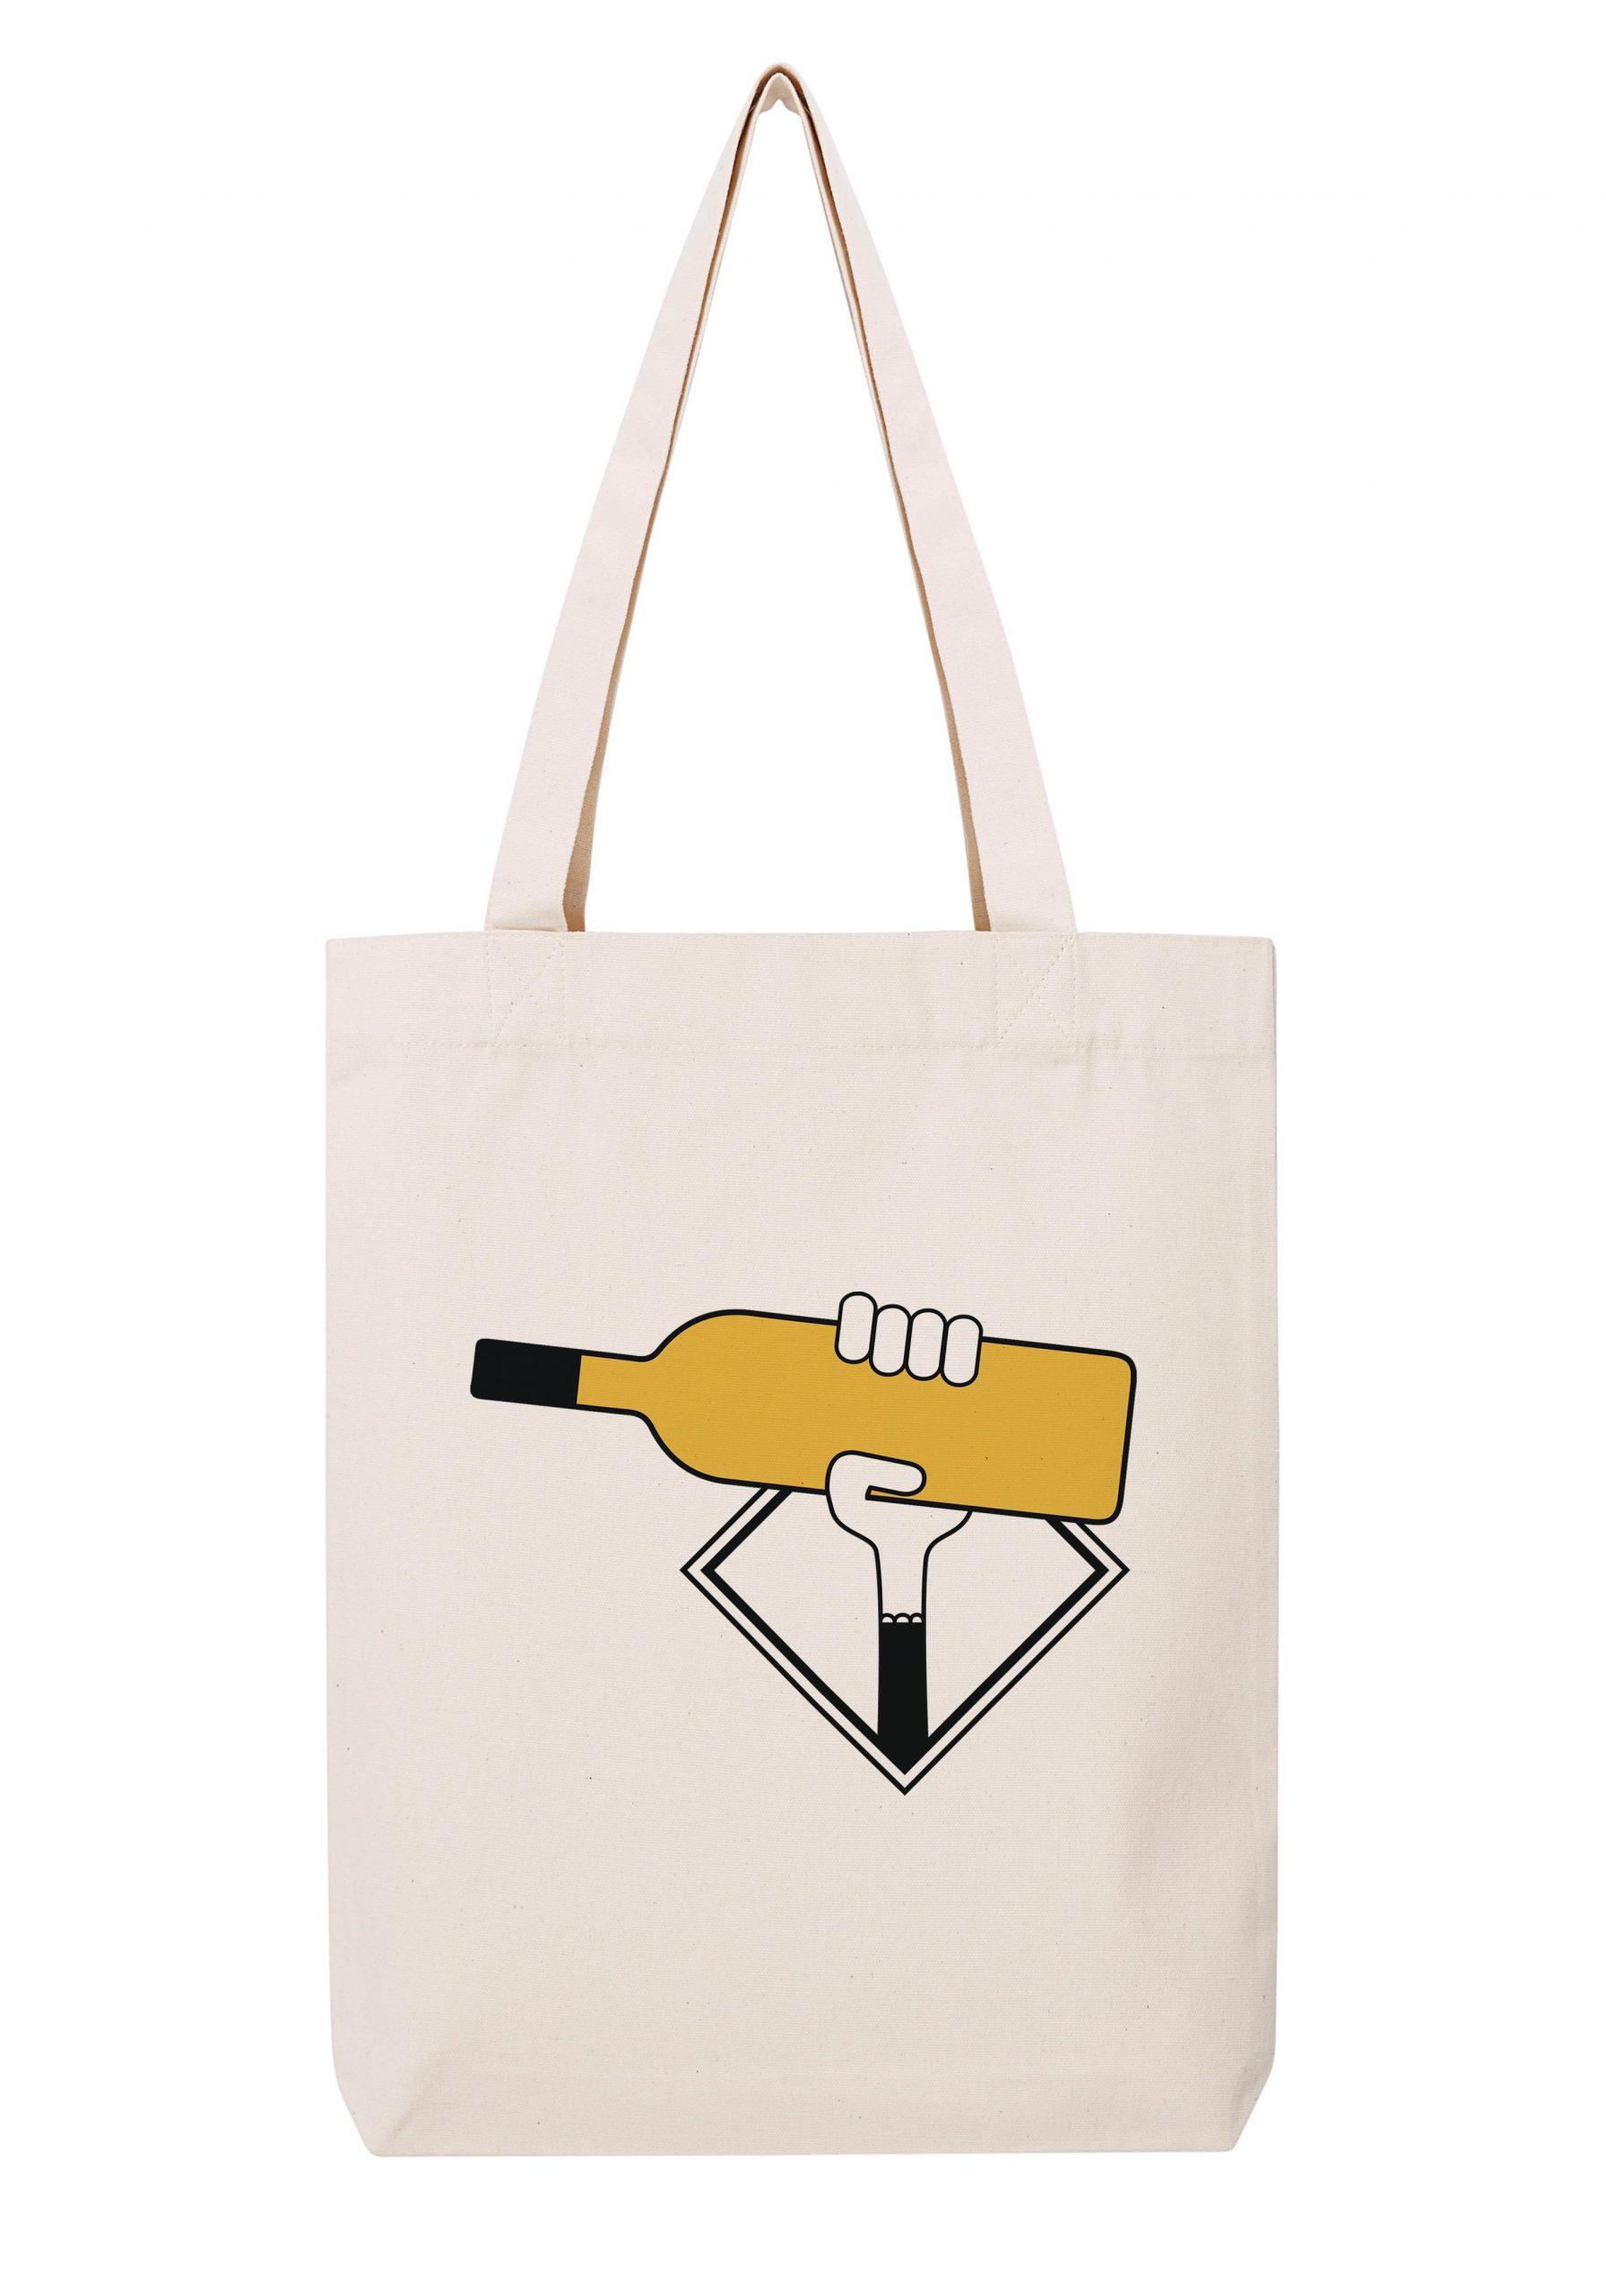 bordeaux blanc sauterne femme sac coton tote bag bio bocavi du vin dans ta penderie bouteilles viticole vigneron wine